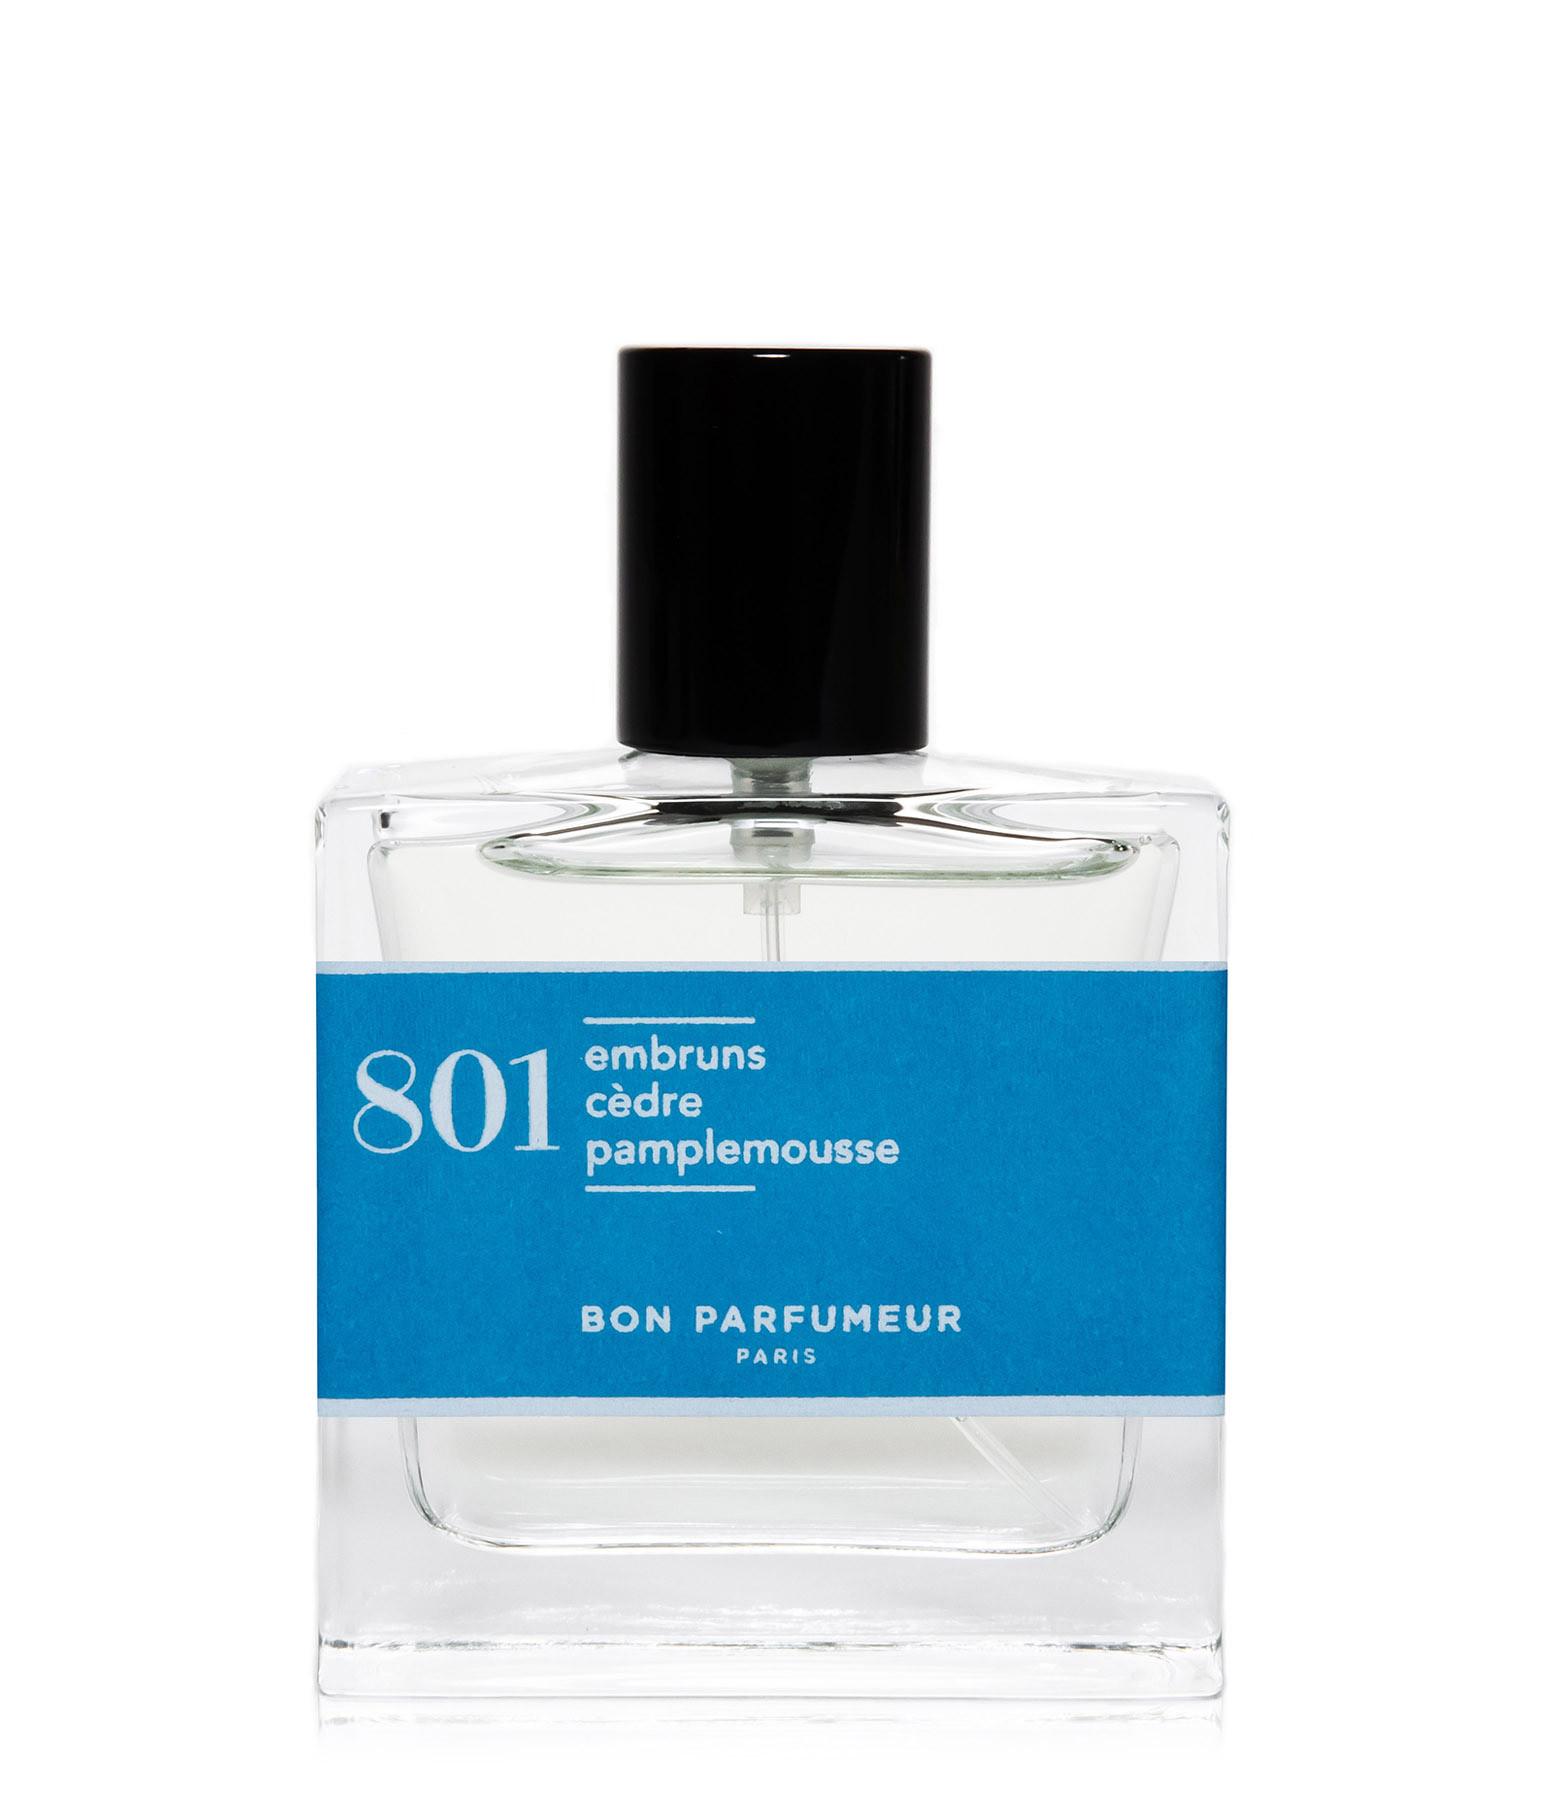 BON PARFUMEUR - Eau de Parfum #801 Embruns, Cèdre, Pamplemousse